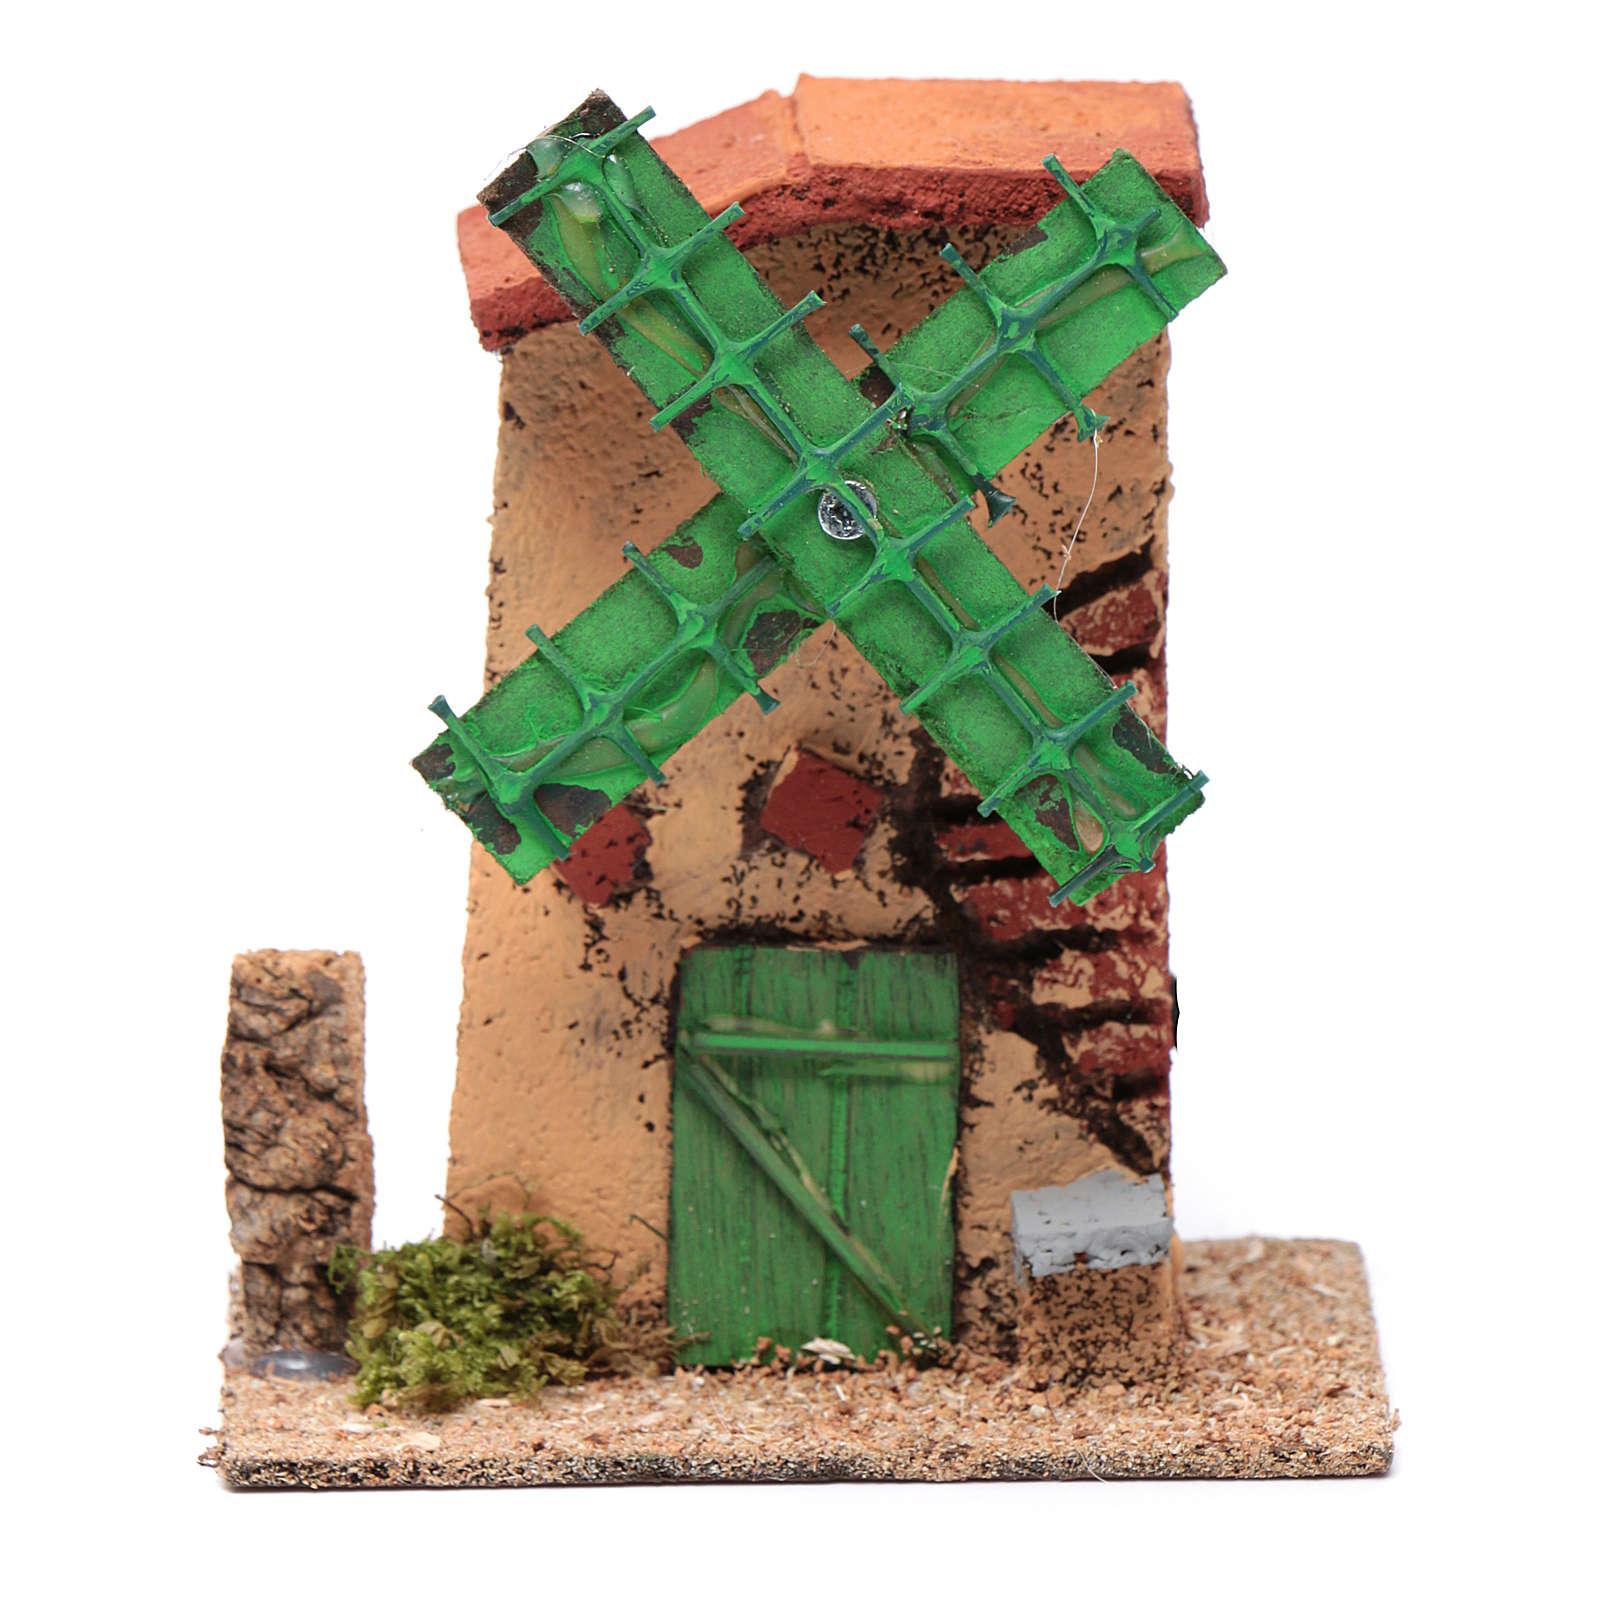 Wiatrak drewno i korek 12x10x6 dach nieregularny 4